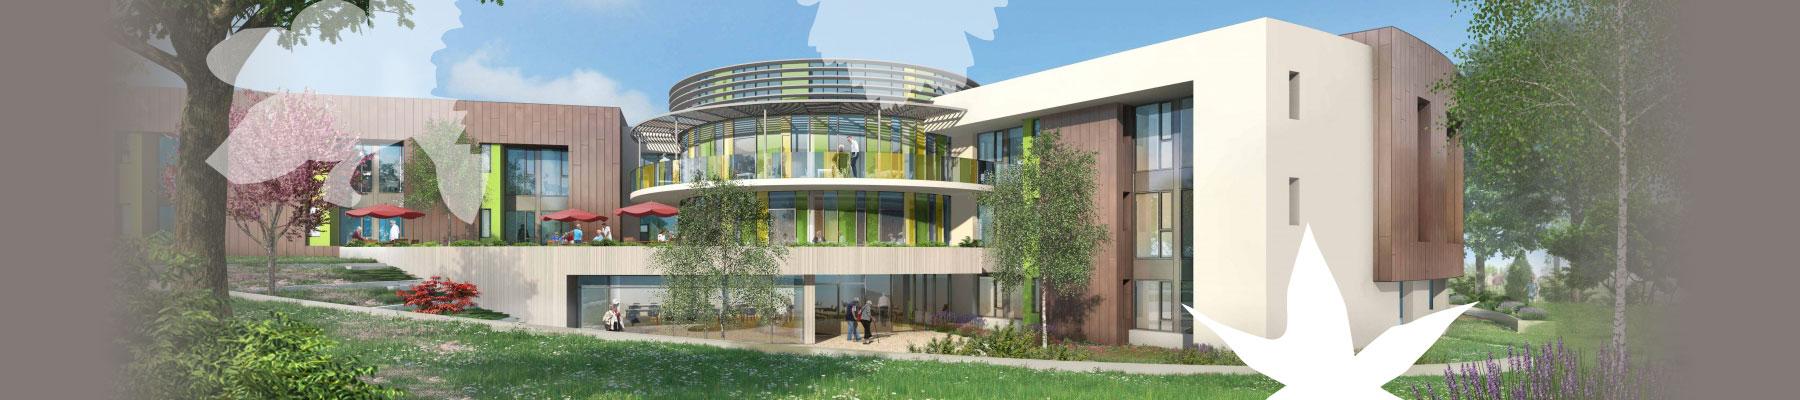 Hôpital Belnay - nouveau bâtiment Tournus